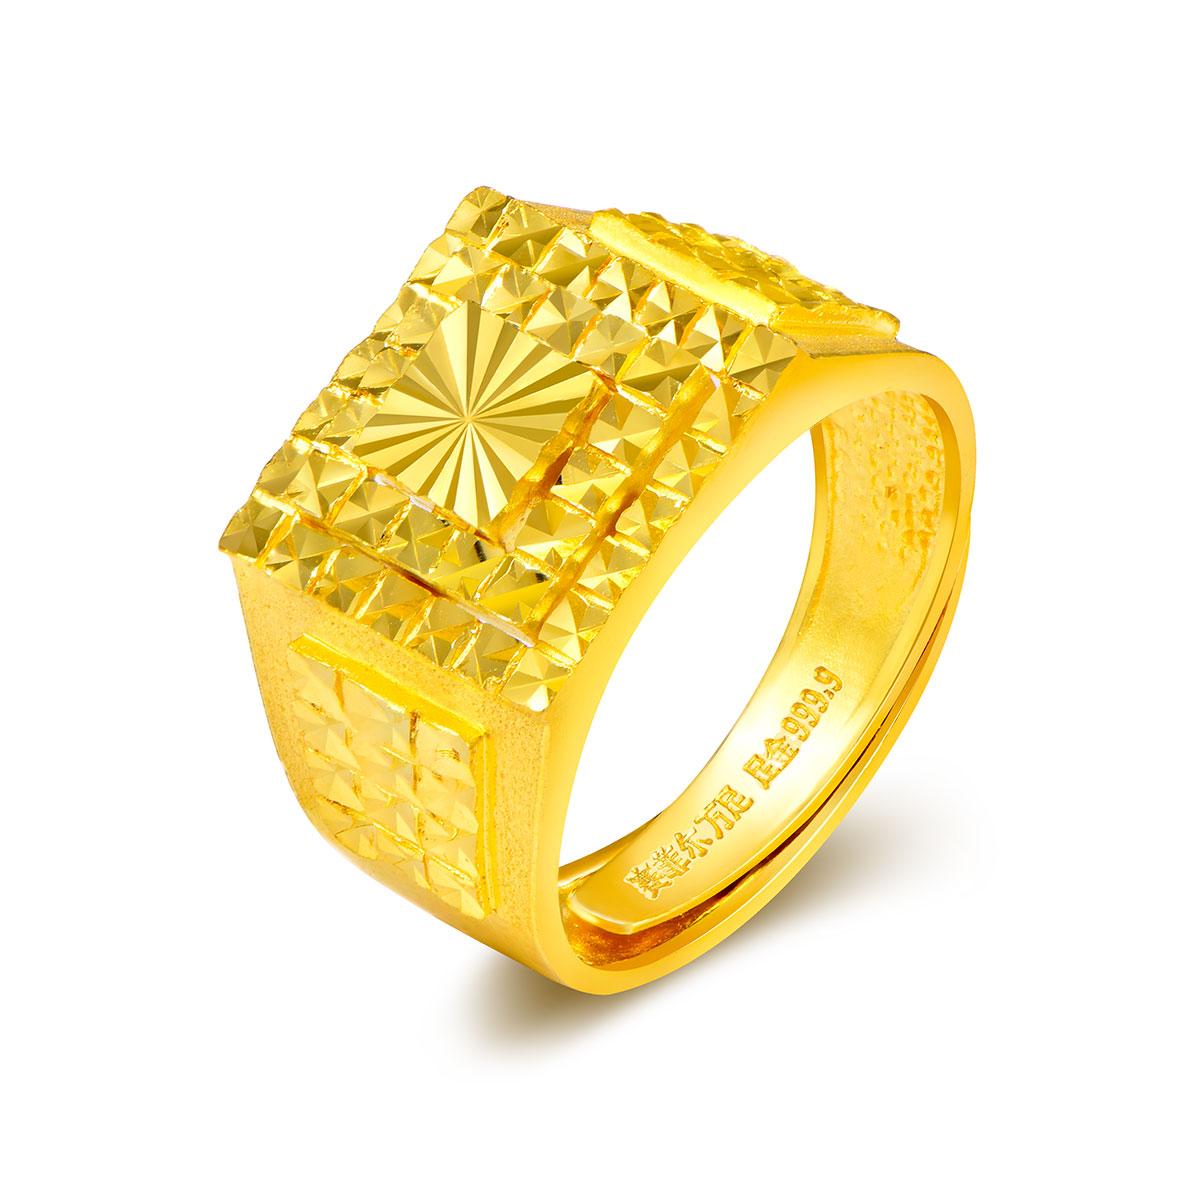 赛菲尔赛菲尔万足闪耀多层方形仿钻足金999.9男士黄金戒指计价ASFEb071